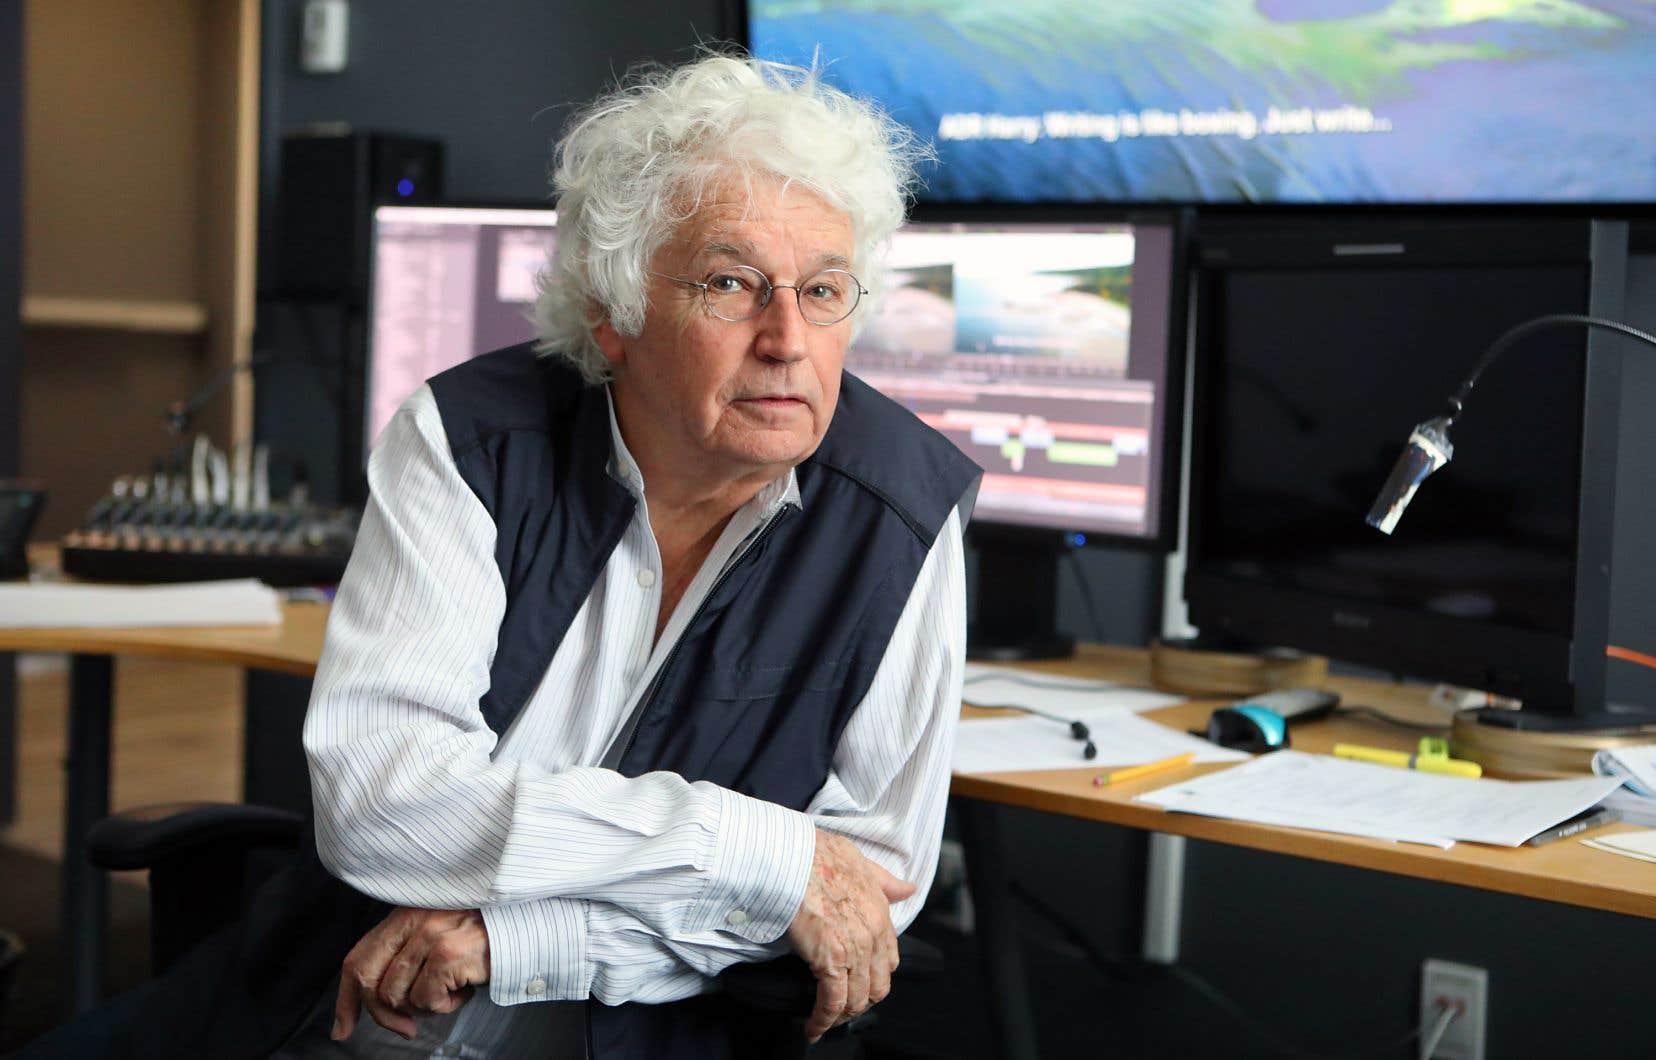 L'une des premières décisions du réalisateur avec son œuvre cinématographique de 1982 fut d'inventer une langue.